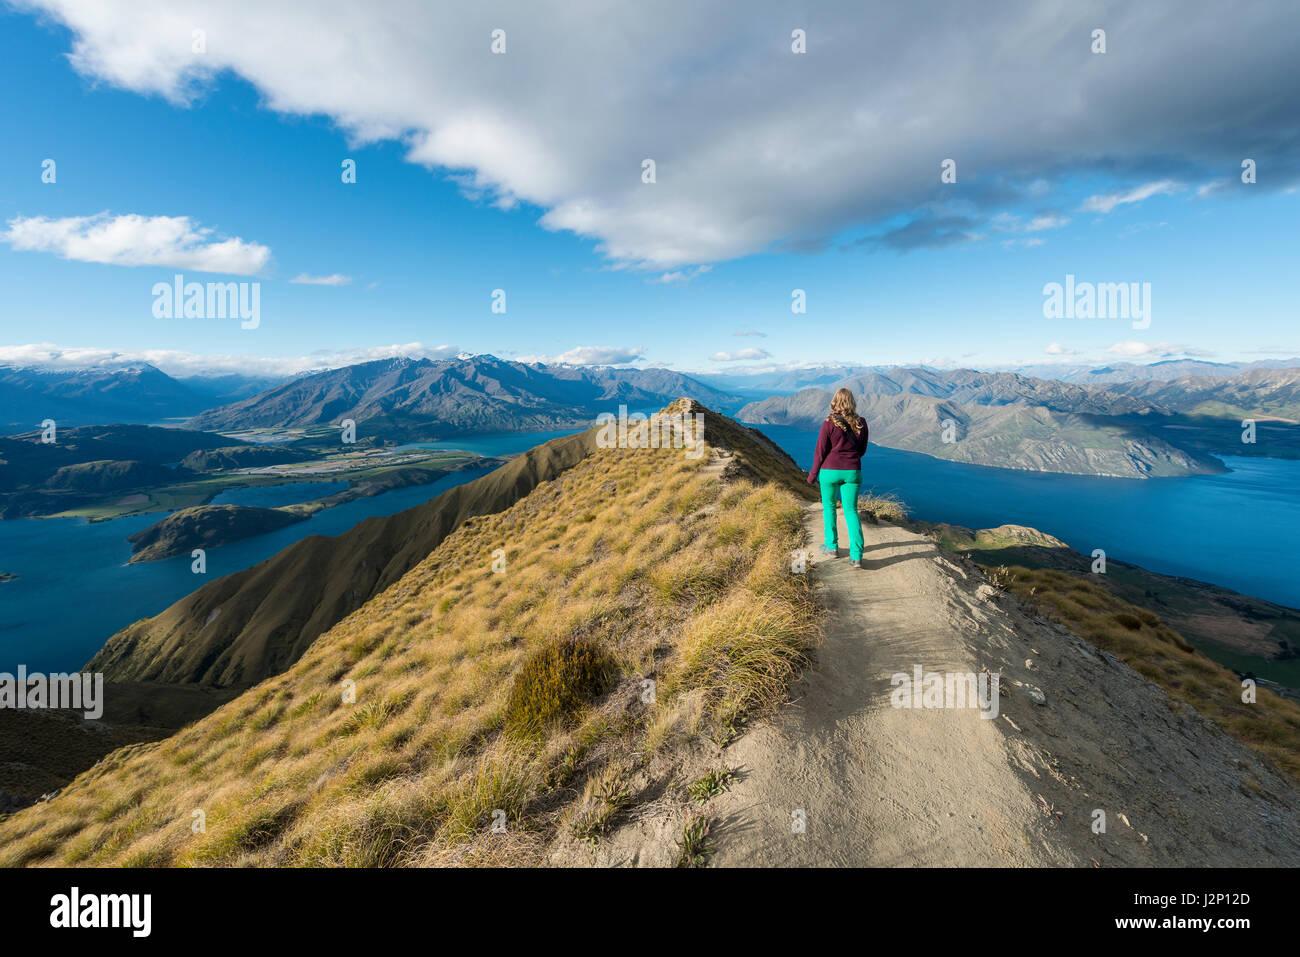 Femme randonnée sur crête, vue sur montagnes et lac, Roys Peak, Lake Wanaka, Alpes du Sud, région Photo Stock